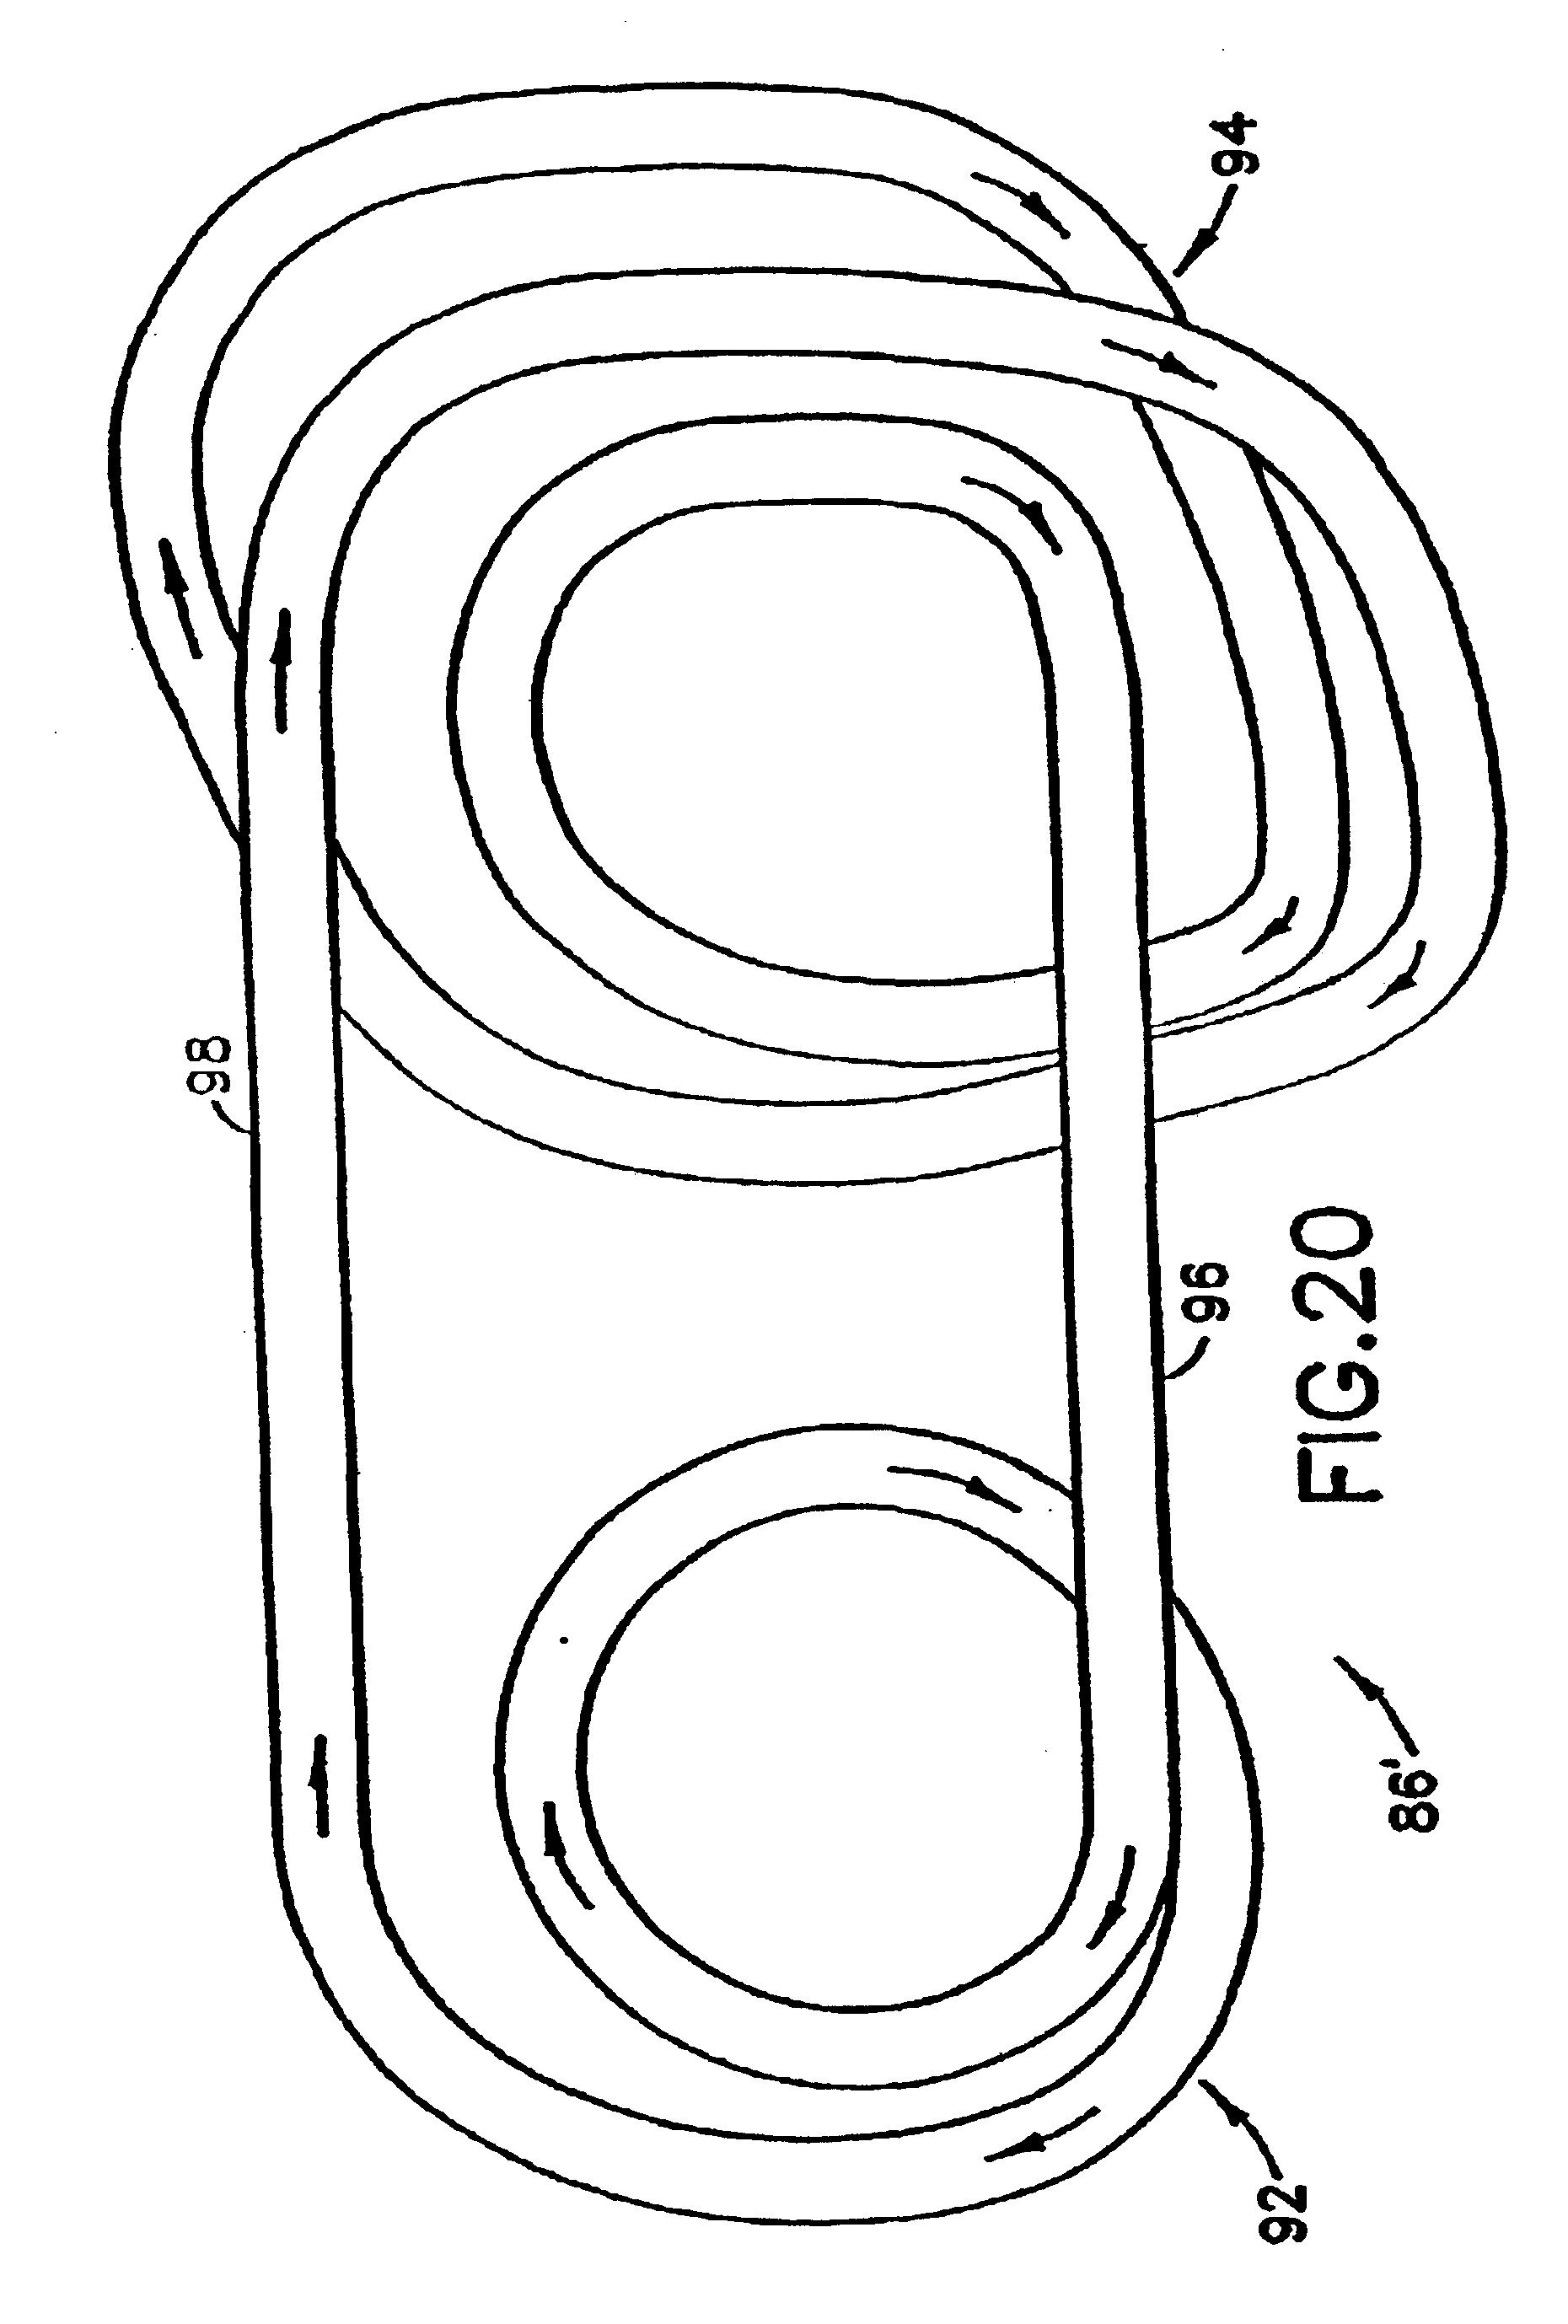 Scotts S1642 By John Deere Drive Belt Diagram